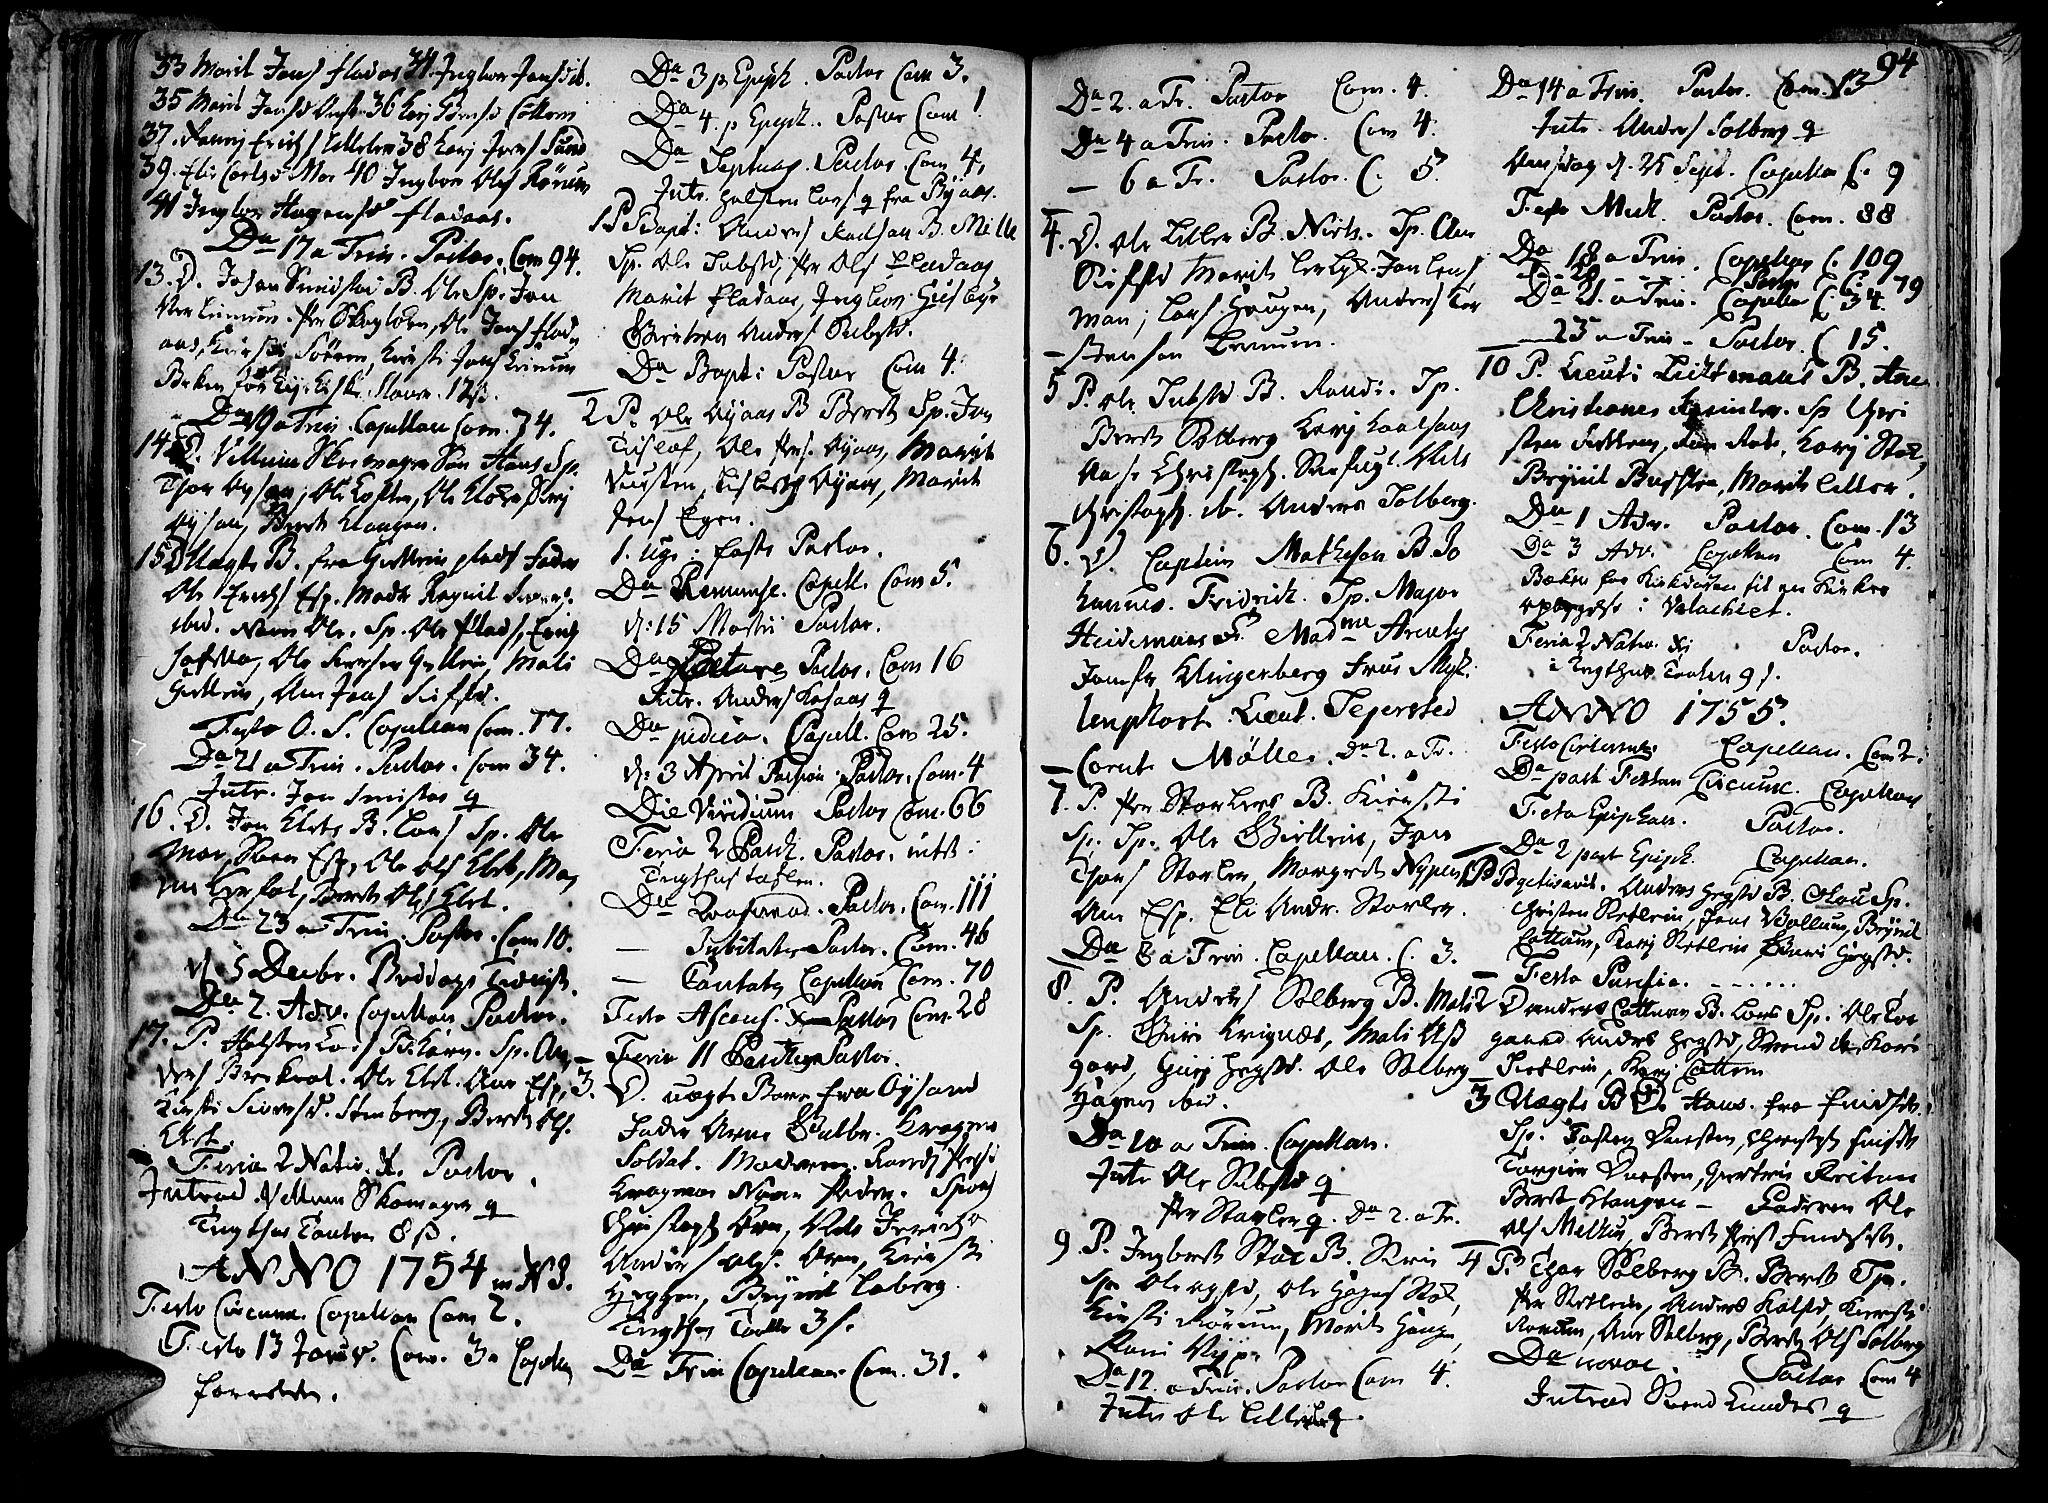 SAT, Ministerialprotokoller, klokkerbøker og fødselsregistre - Sør-Trøndelag, 691/L1059: Ministerialbok nr. 691A01 /3, 1740-1767, s. 94